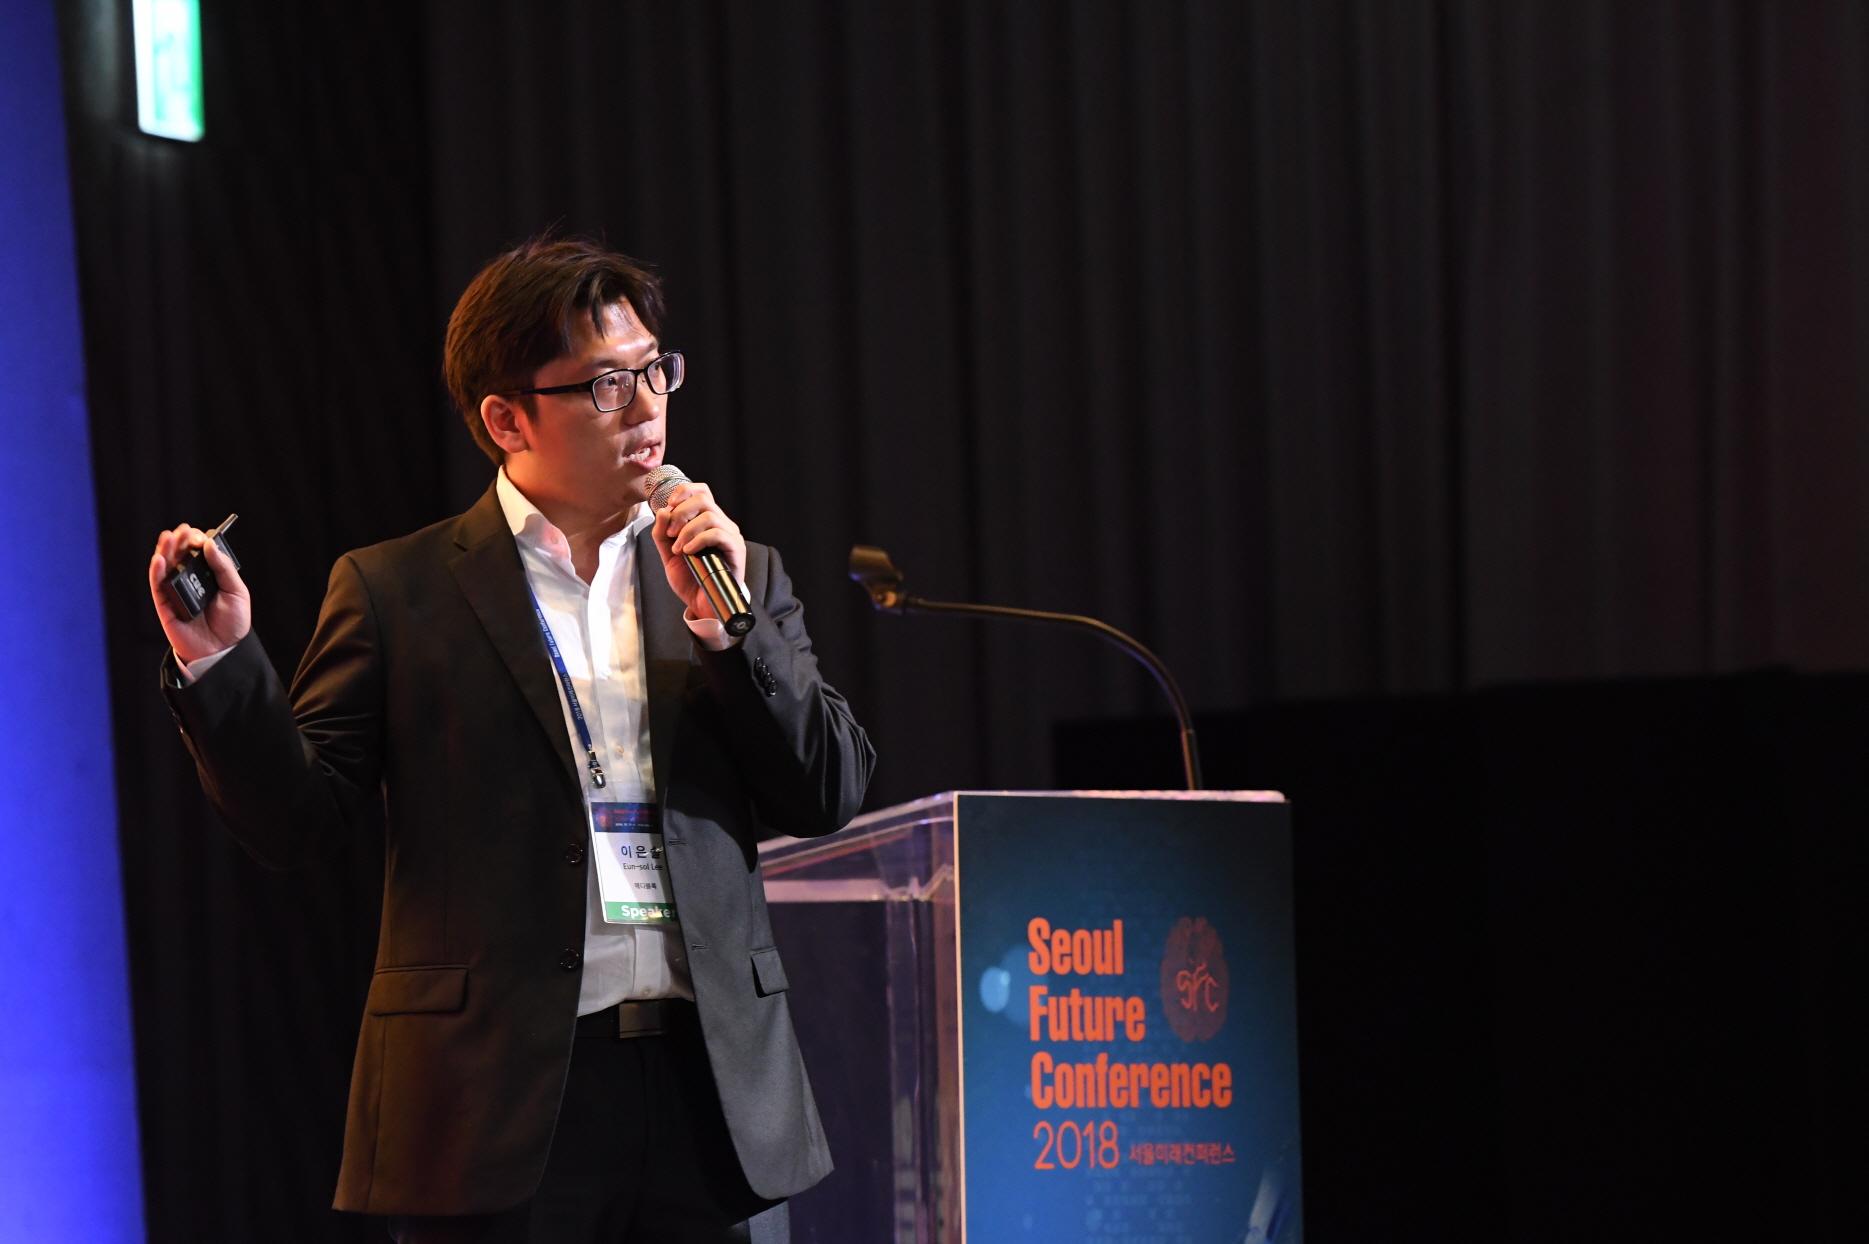 2018 서울미래컨퍼런스 Session I - 이은솔 메디블록 공동대표